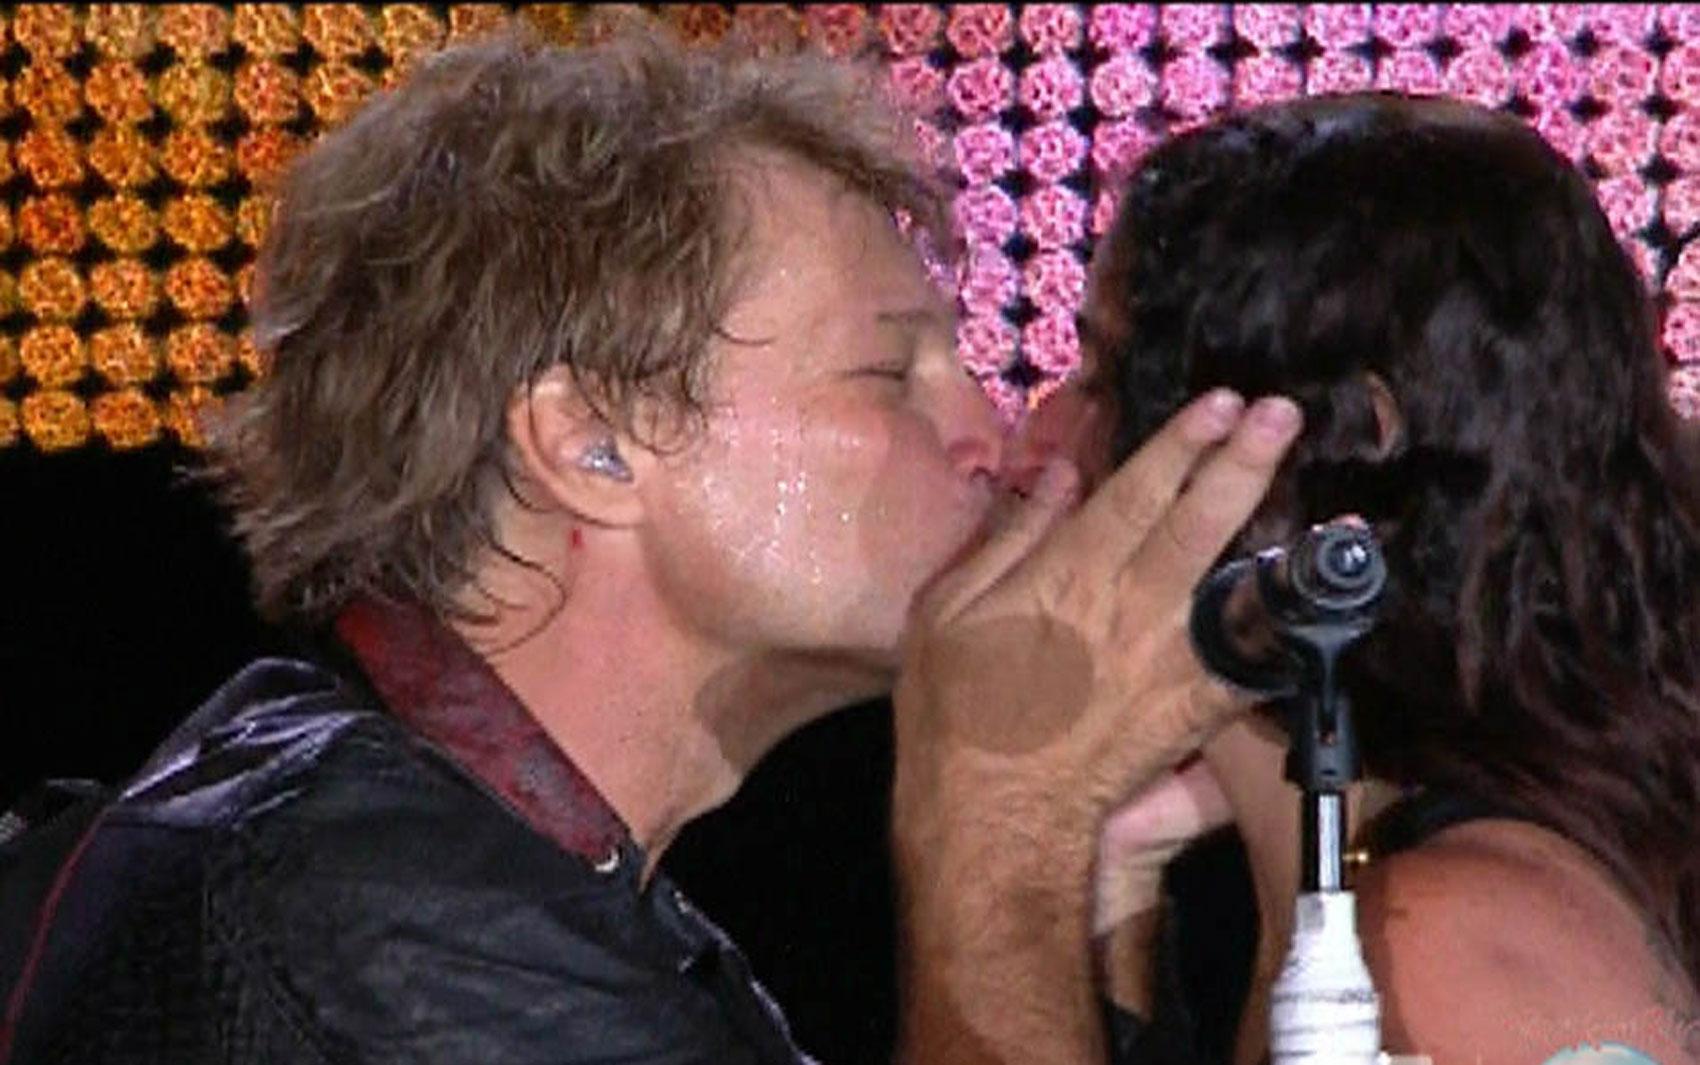 Jon Bon Jovi beijou uma fã durante o show do Bon Jovi no Rock in Rio: o cantor atendeu ao pedido que a fã expressou em uma faixa, chamando ela para o palco e dando dois selinhos.